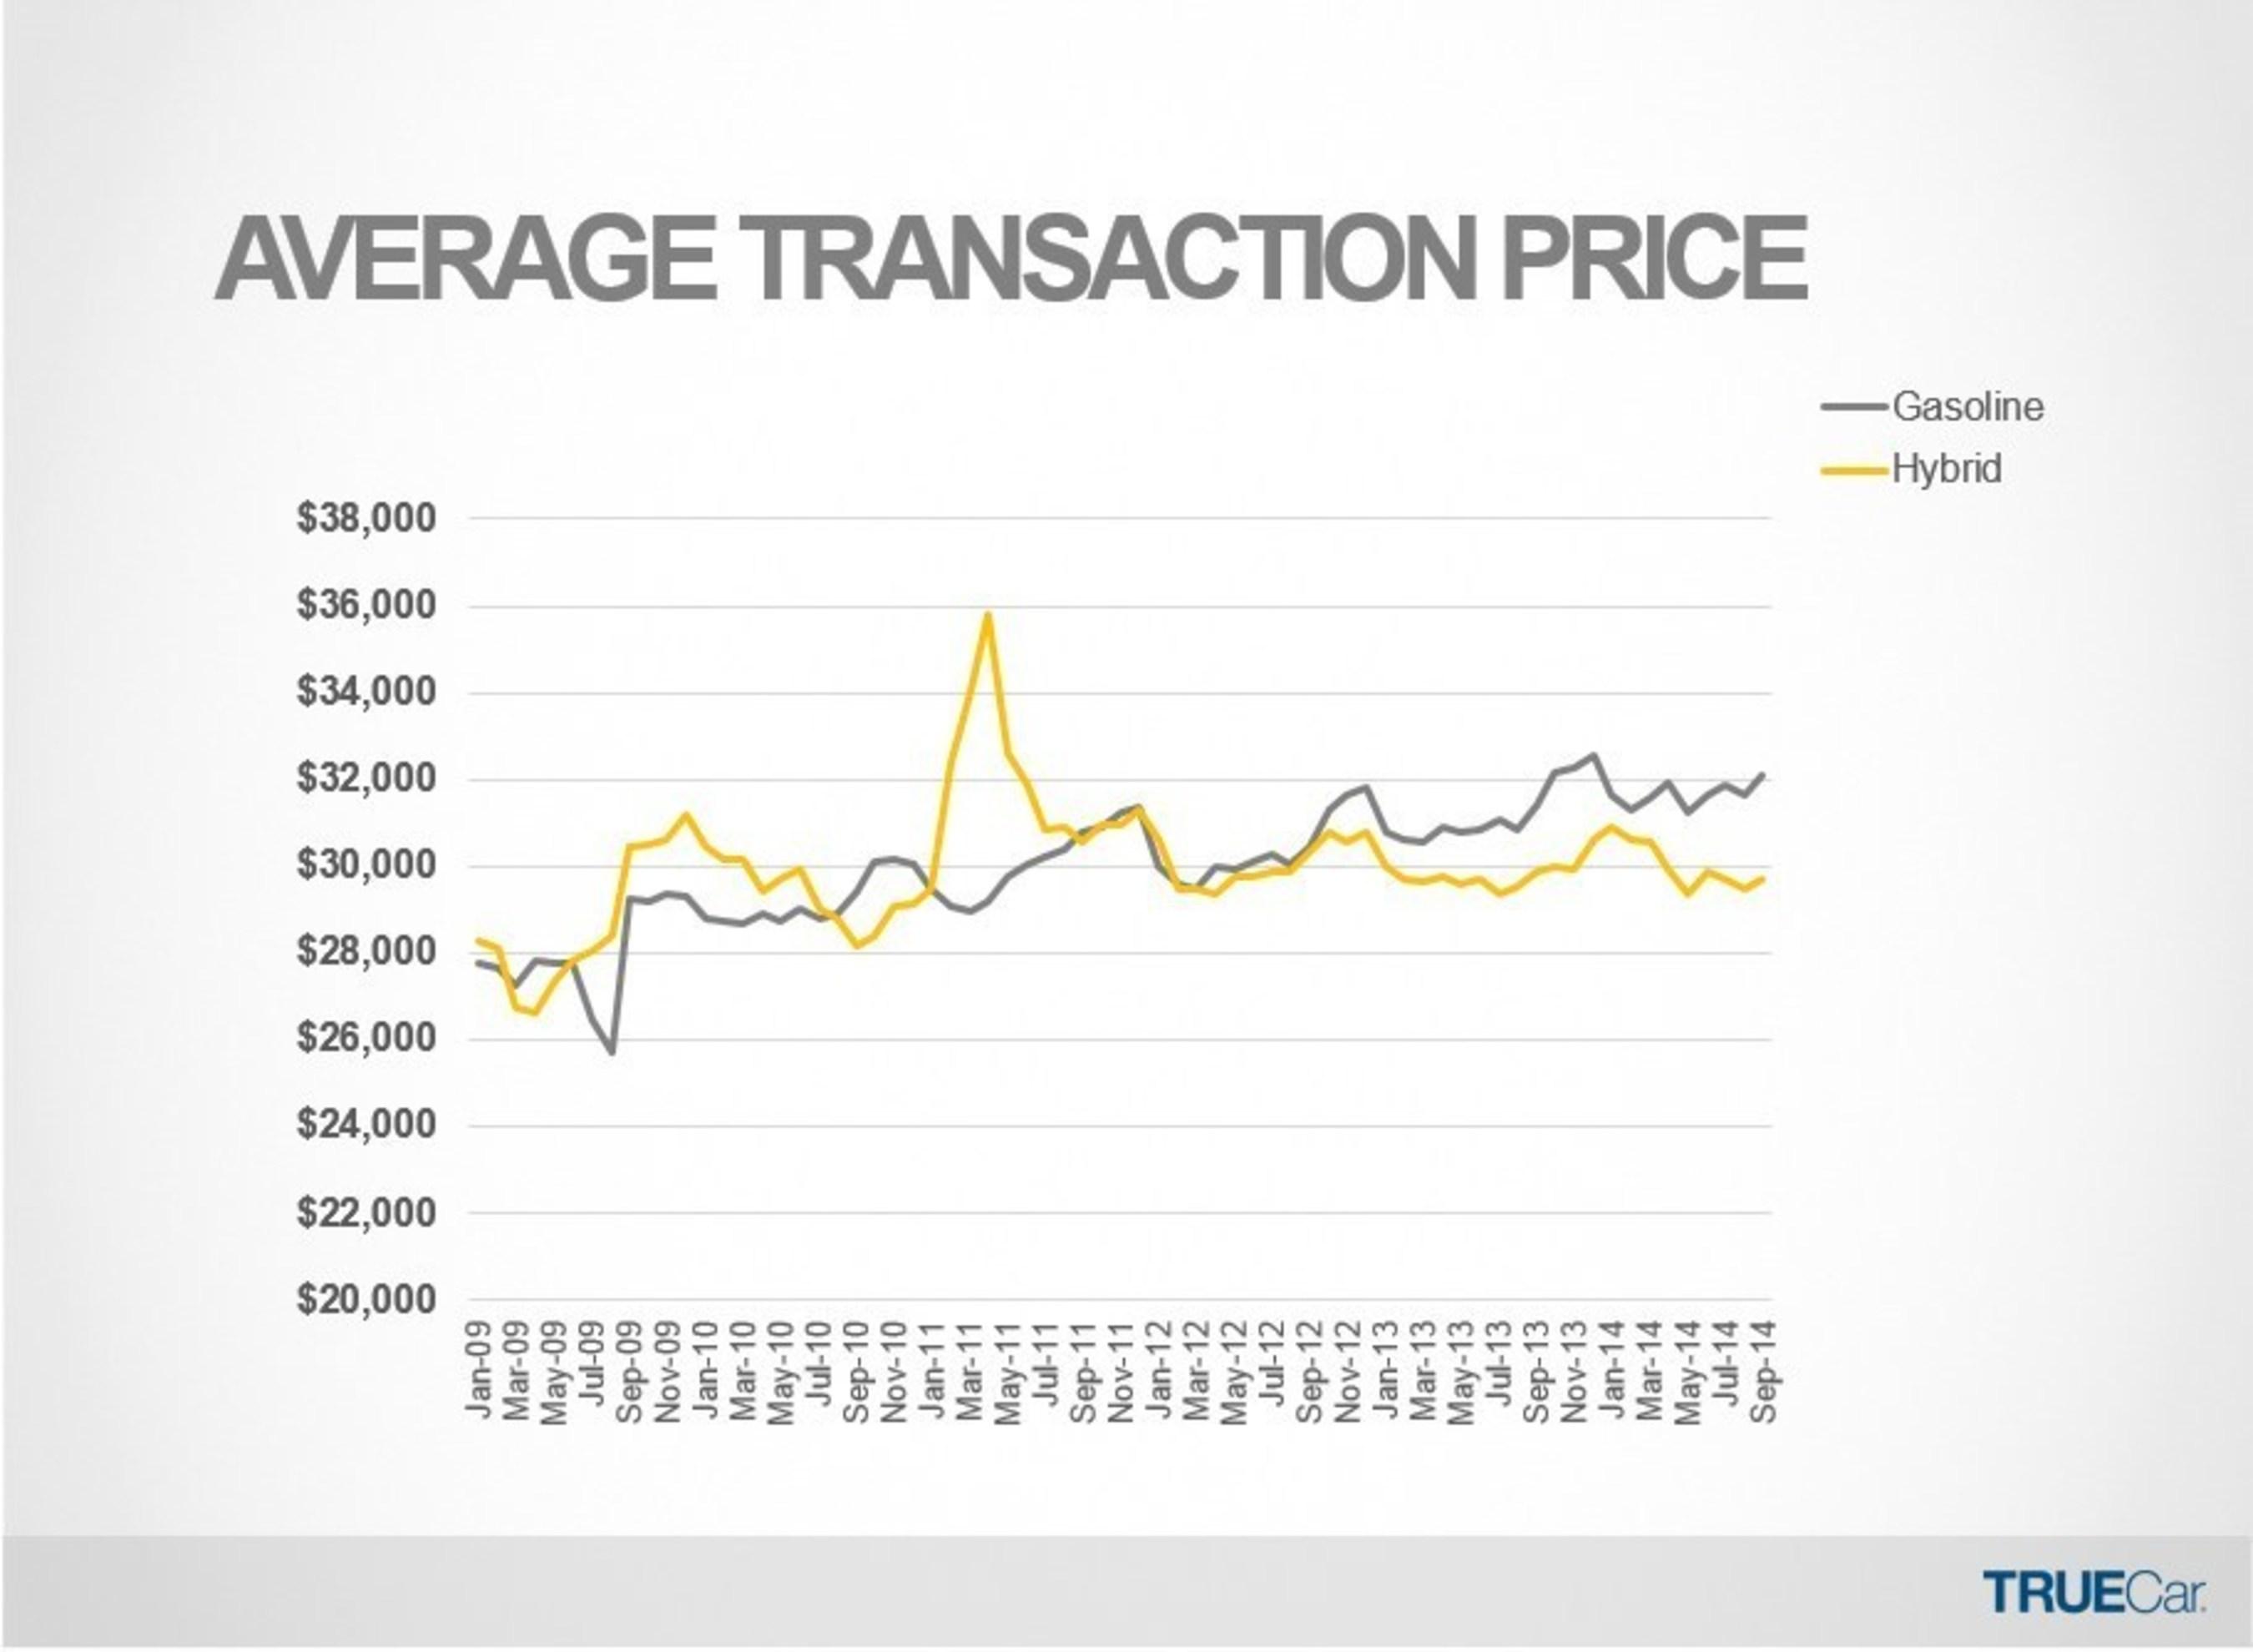 Average Transaction Price